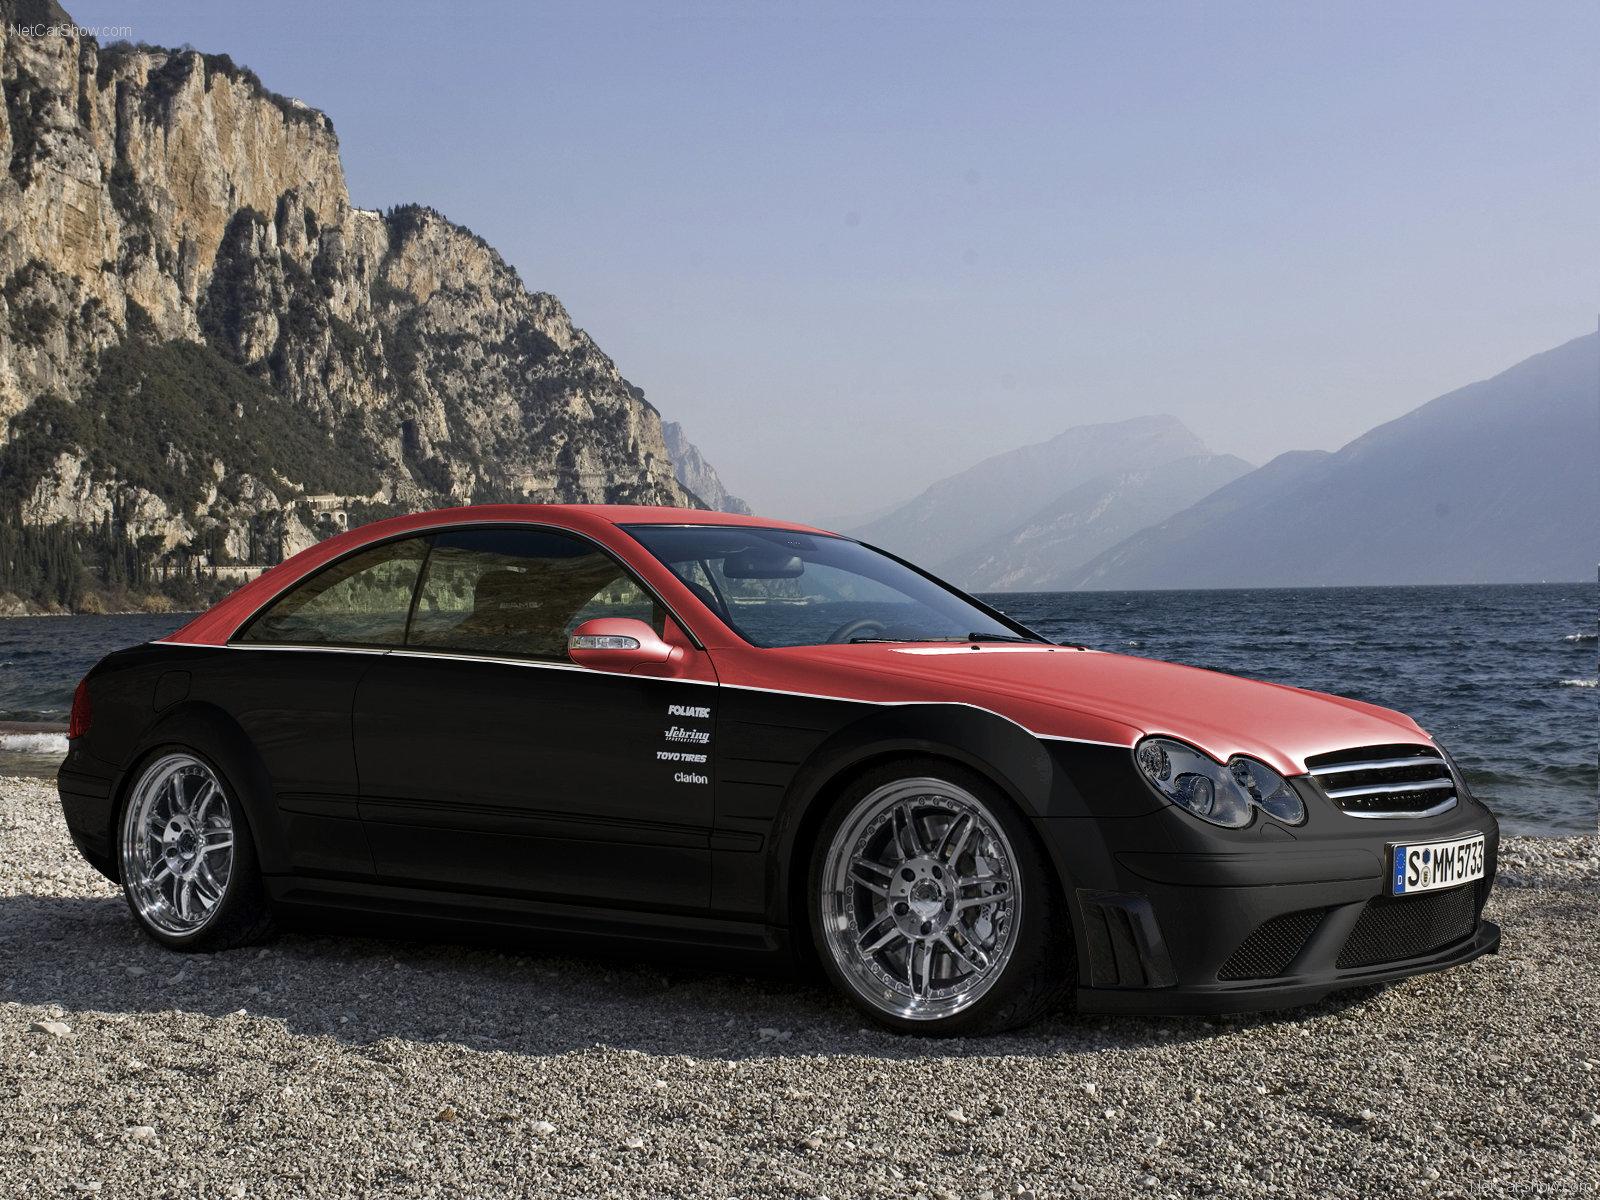 Mercedes Benz CLK63 AMG Black